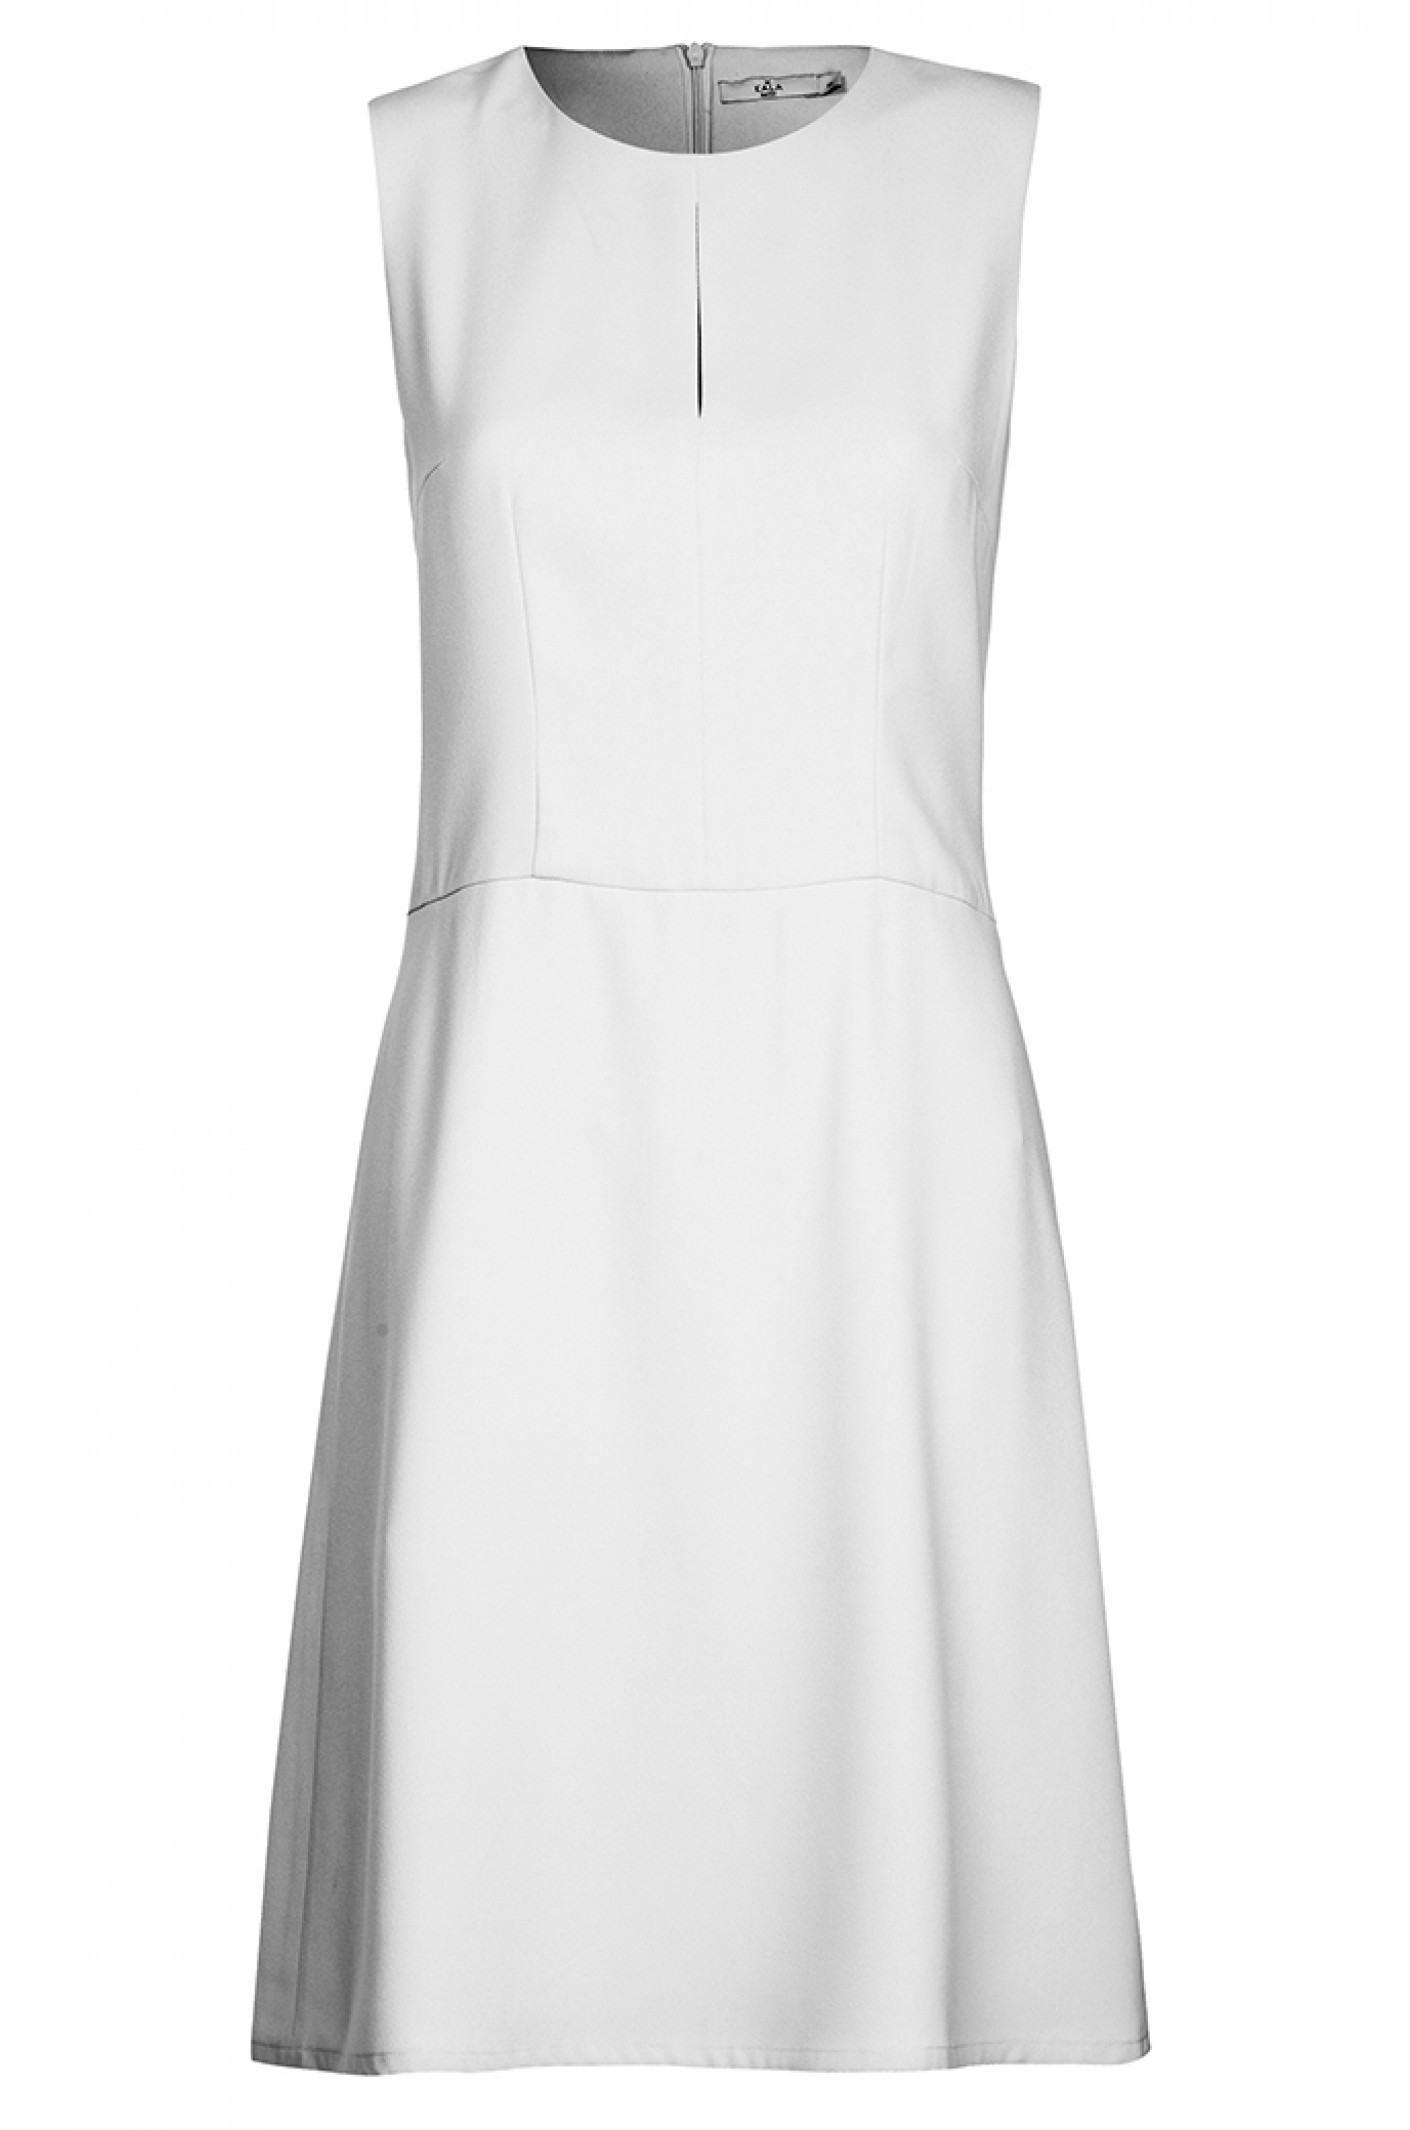 Kleider Fashion Online Shop  Schöne Kleider Dieser Saison